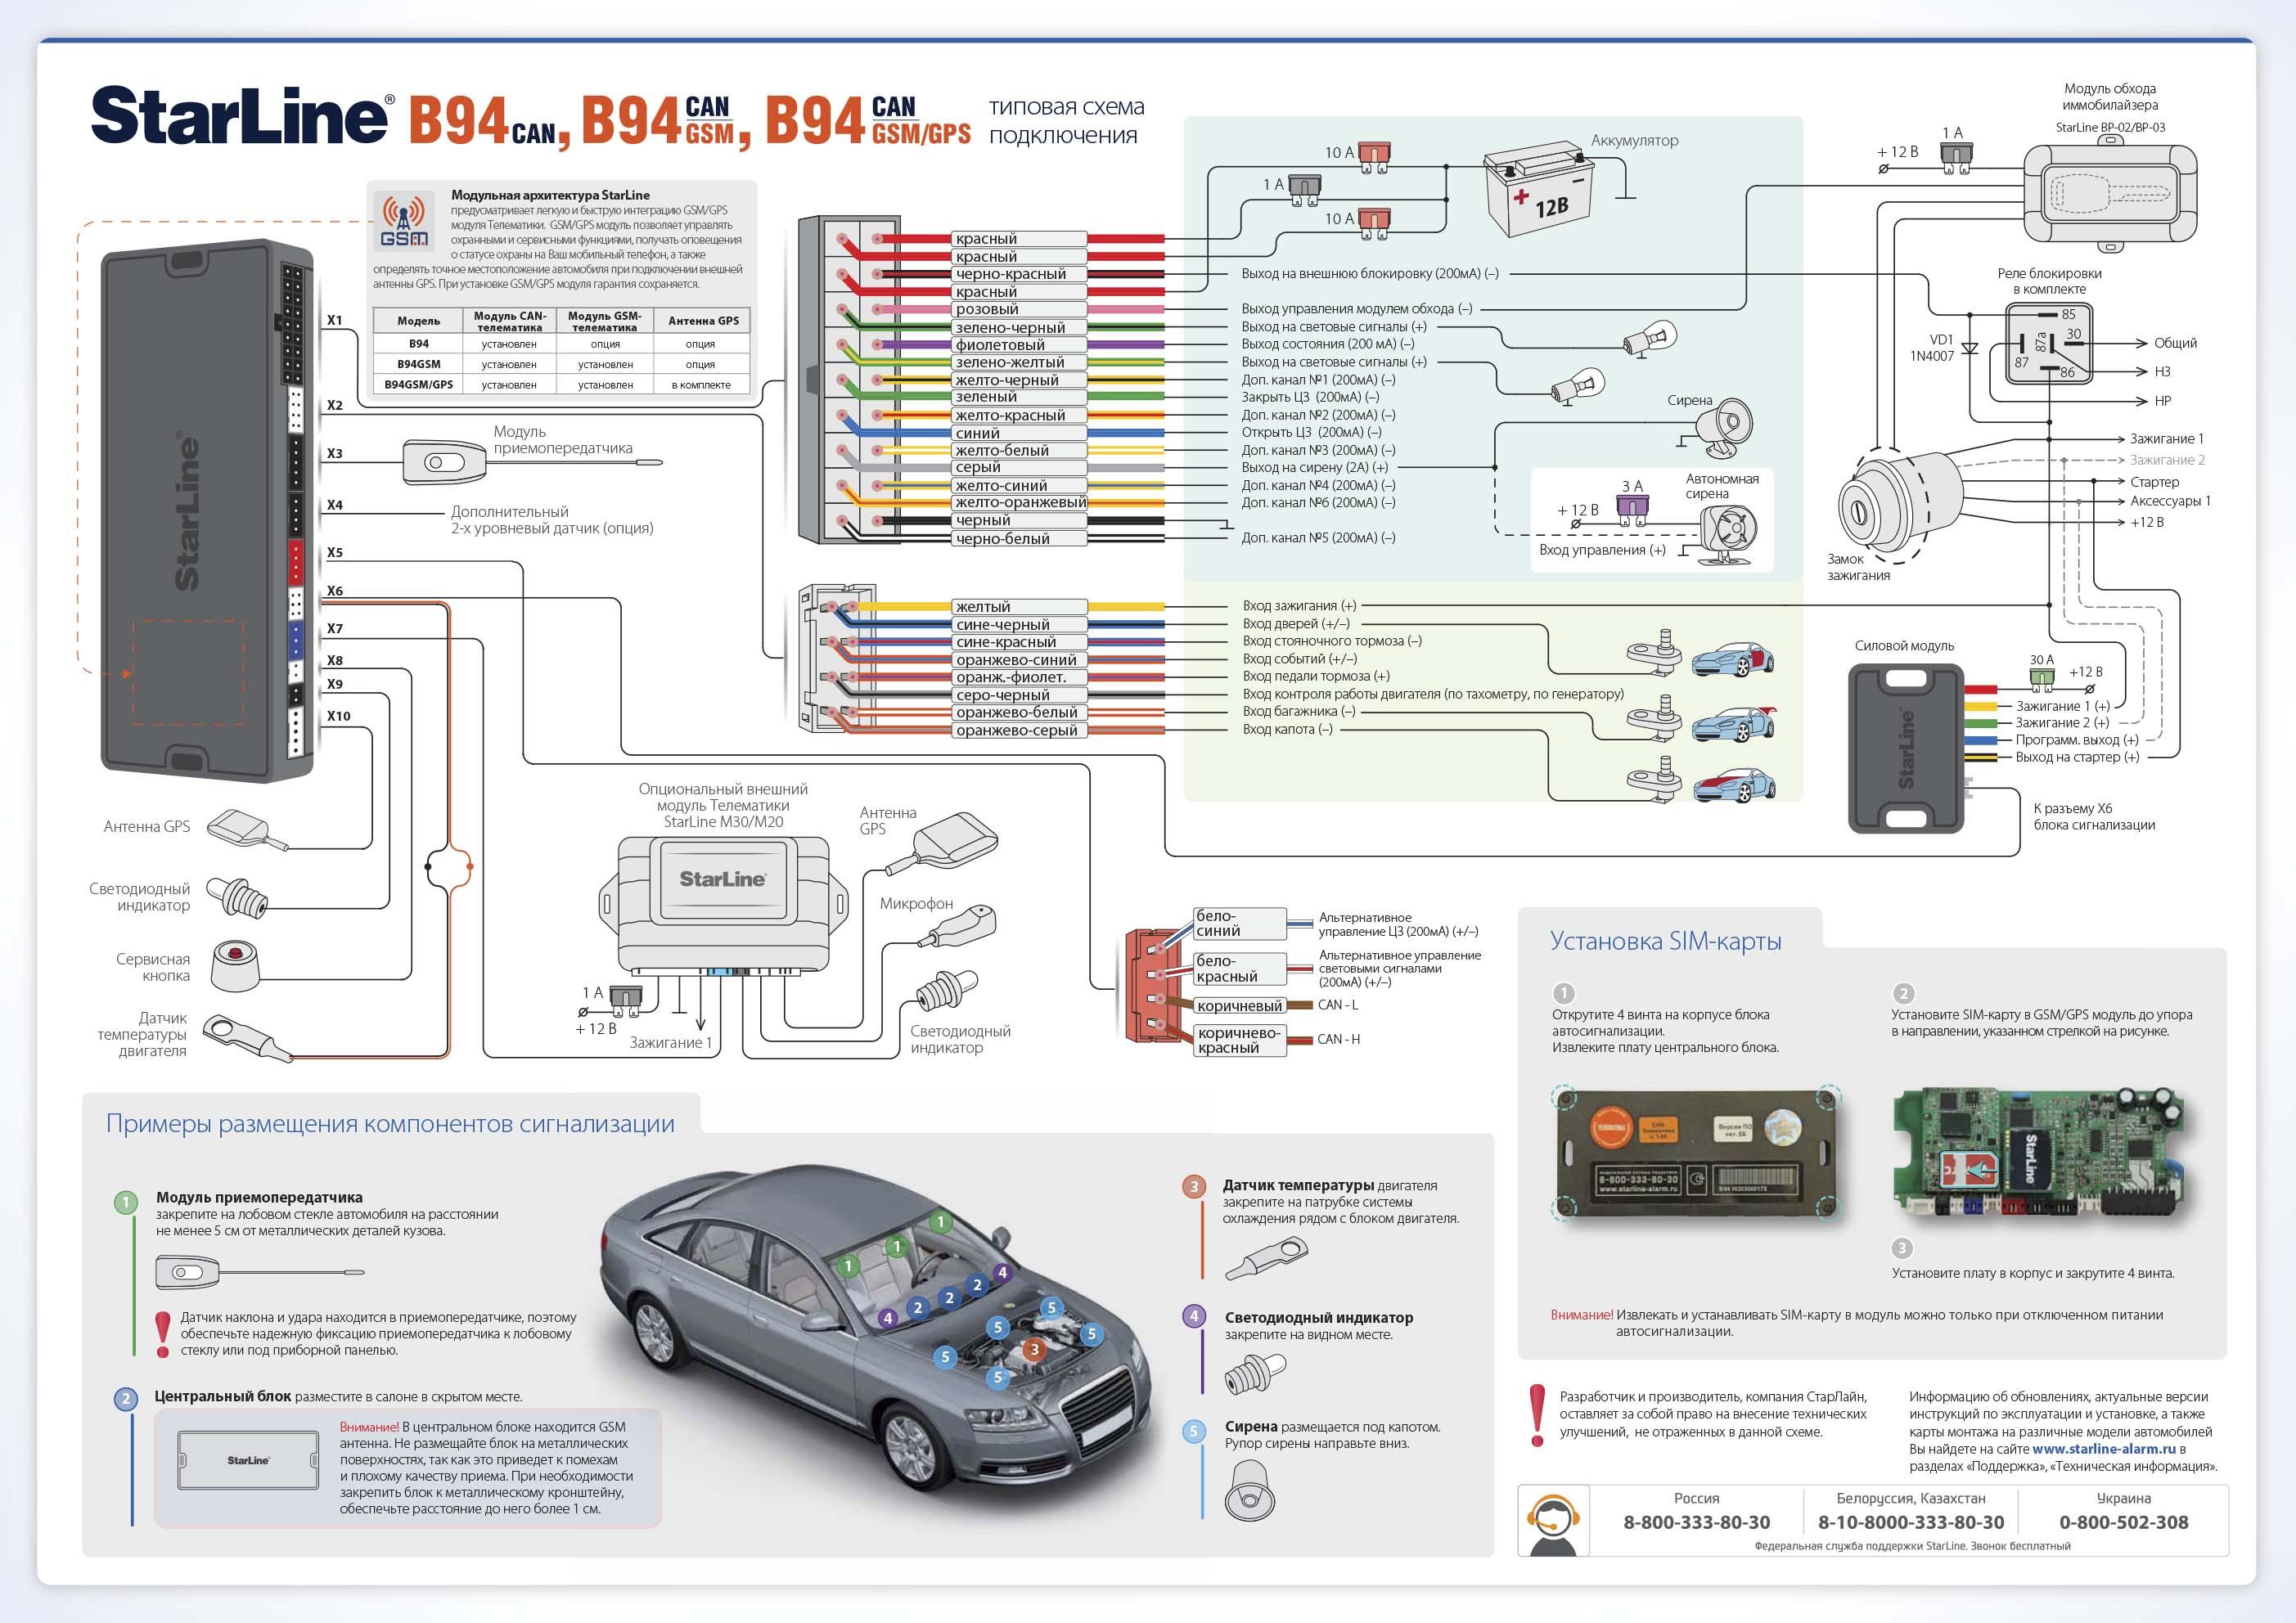 инструкция по установке сигнализации старлайн b9